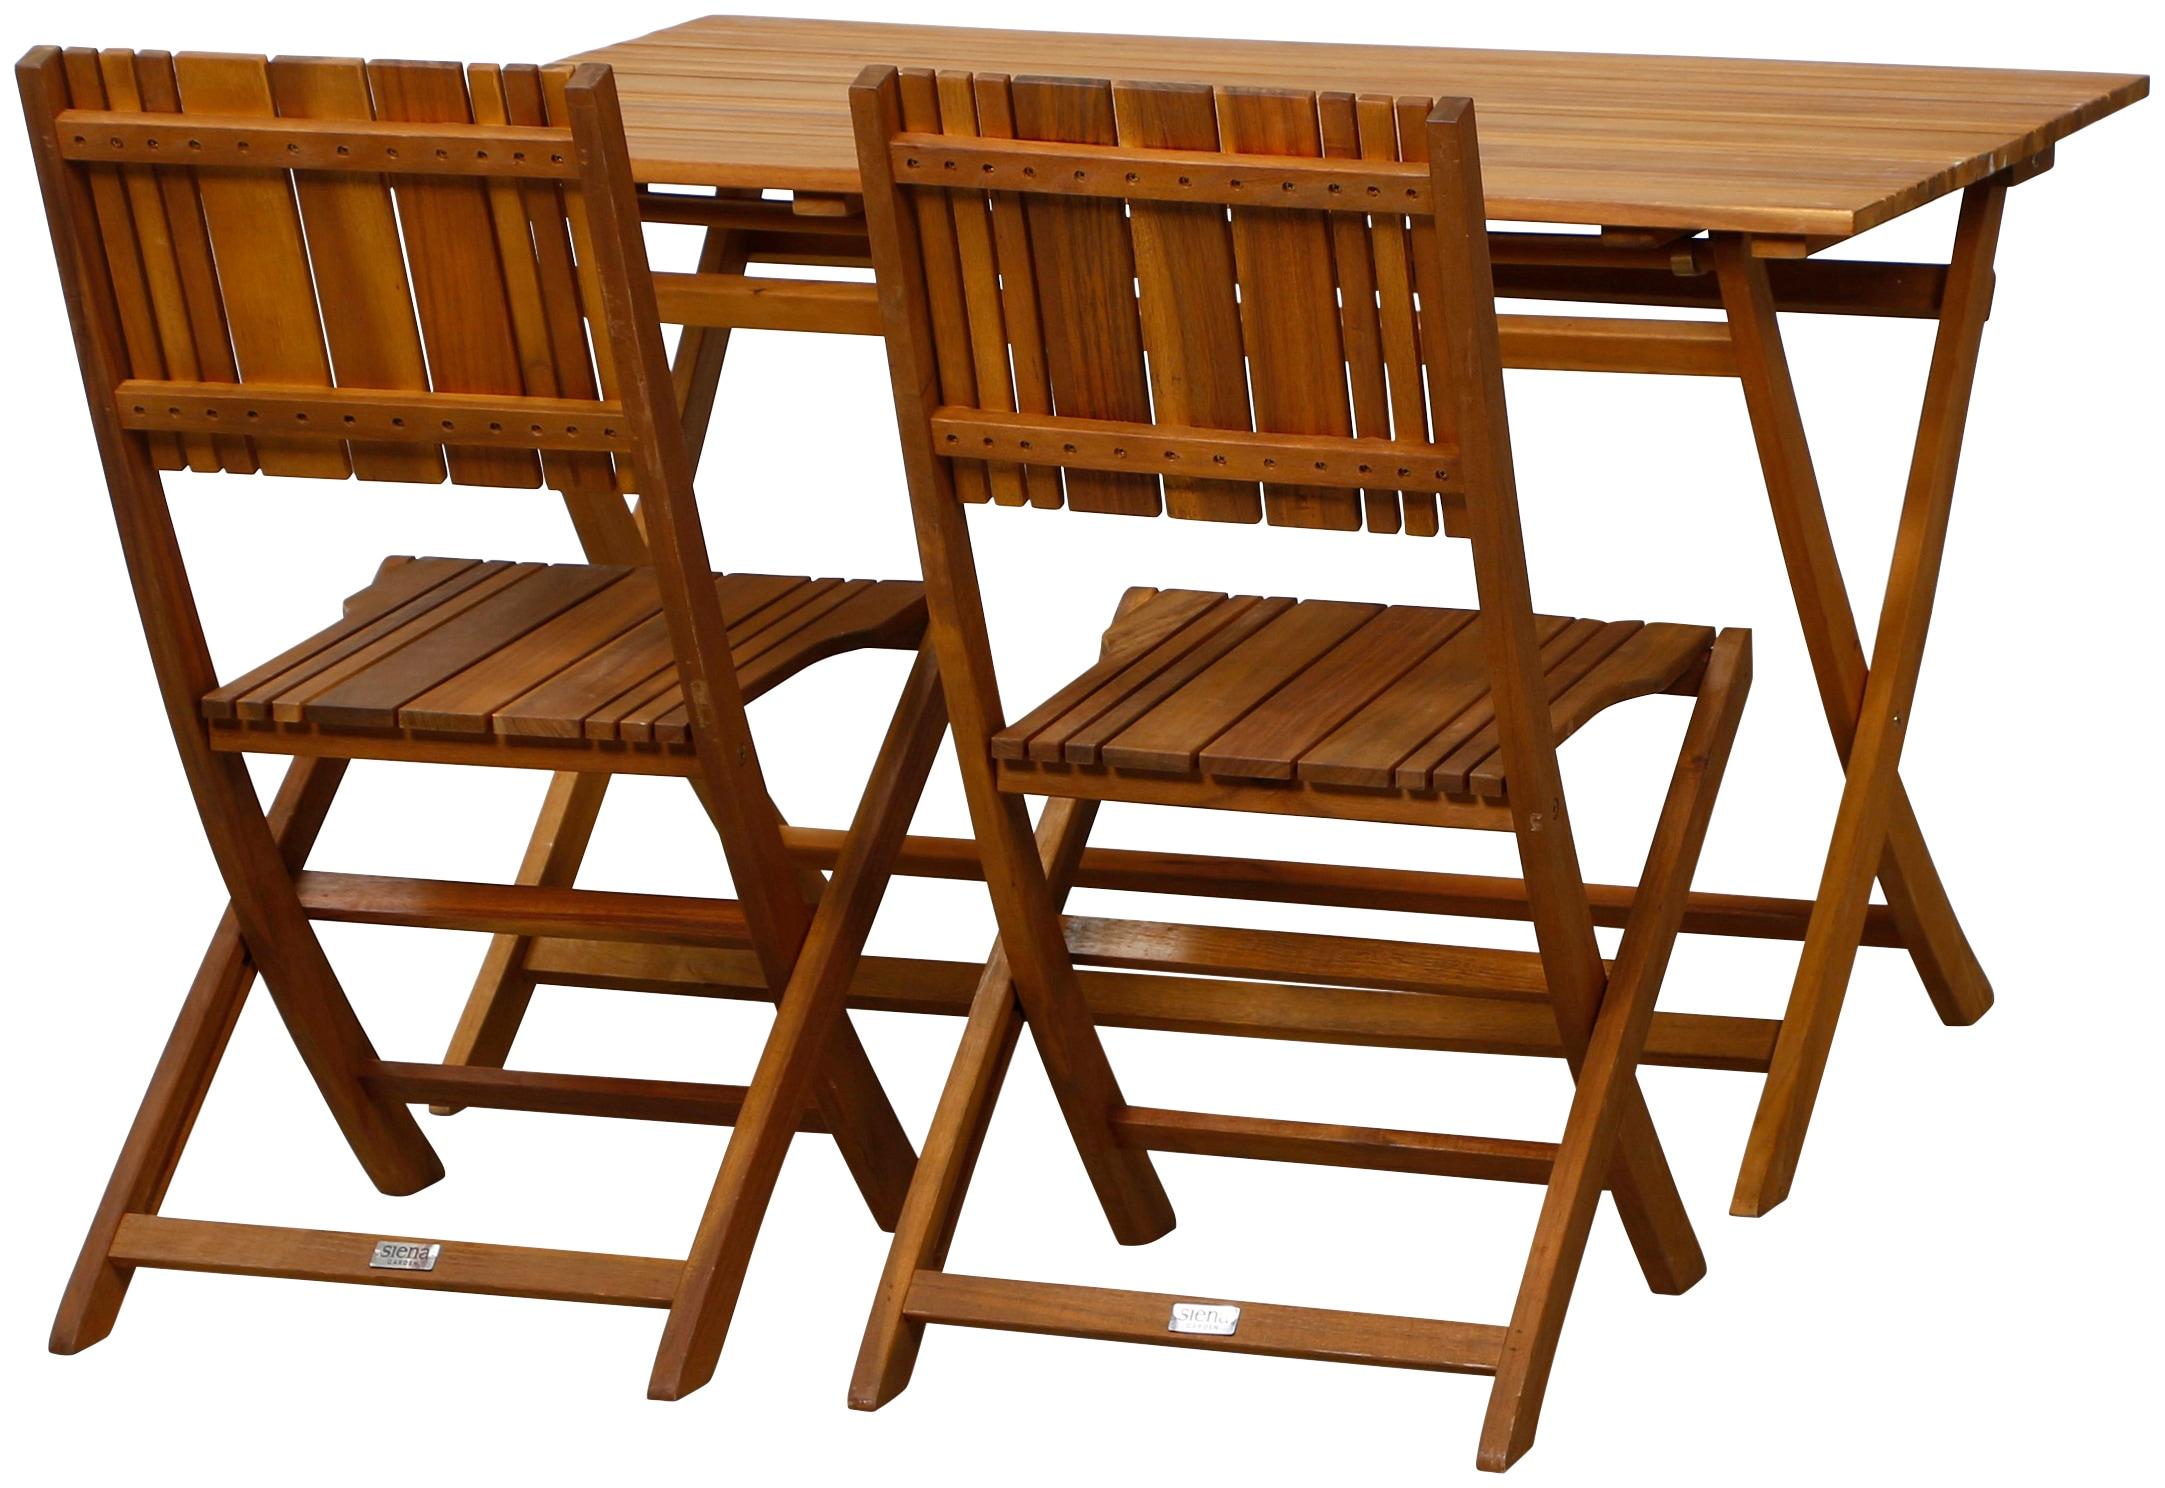 SIENA GARDEN Gartenmöbelset Falun 5tlg 4 Stuhl Tisch 120x80 cm Stahl/Akazienholz